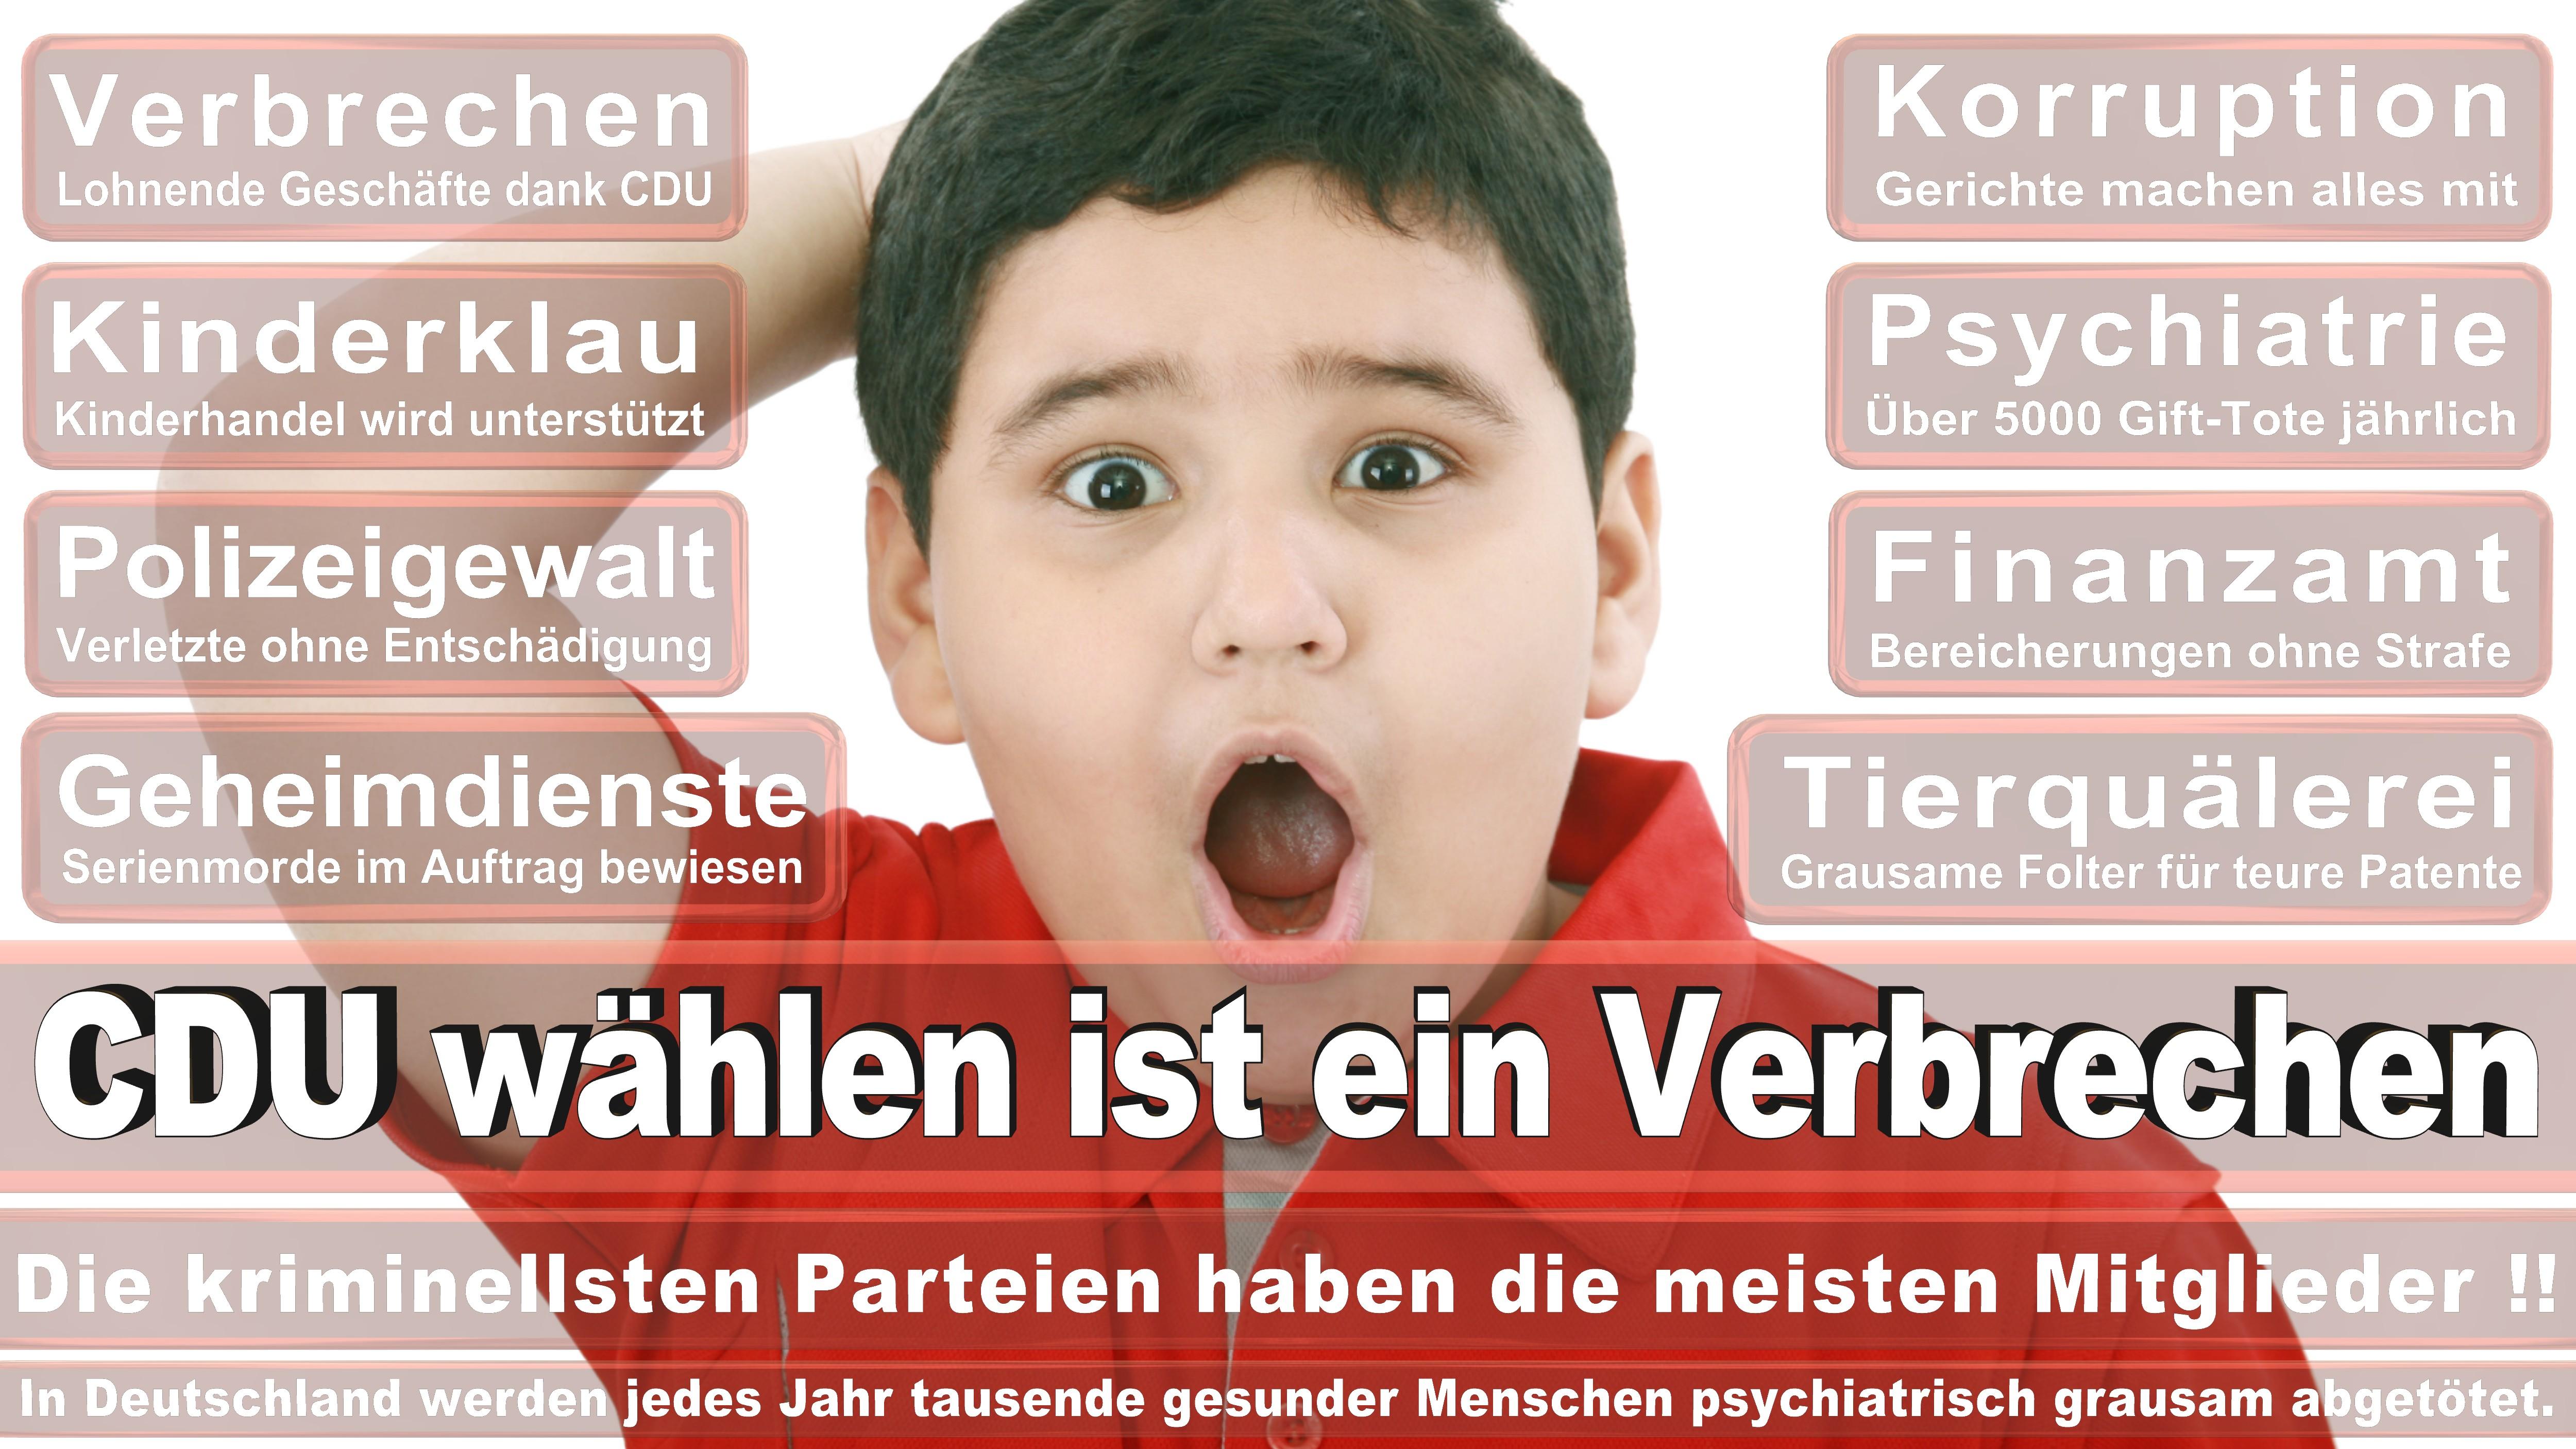 Bundeskanzlerin Der Bundesrepublik Deutschland